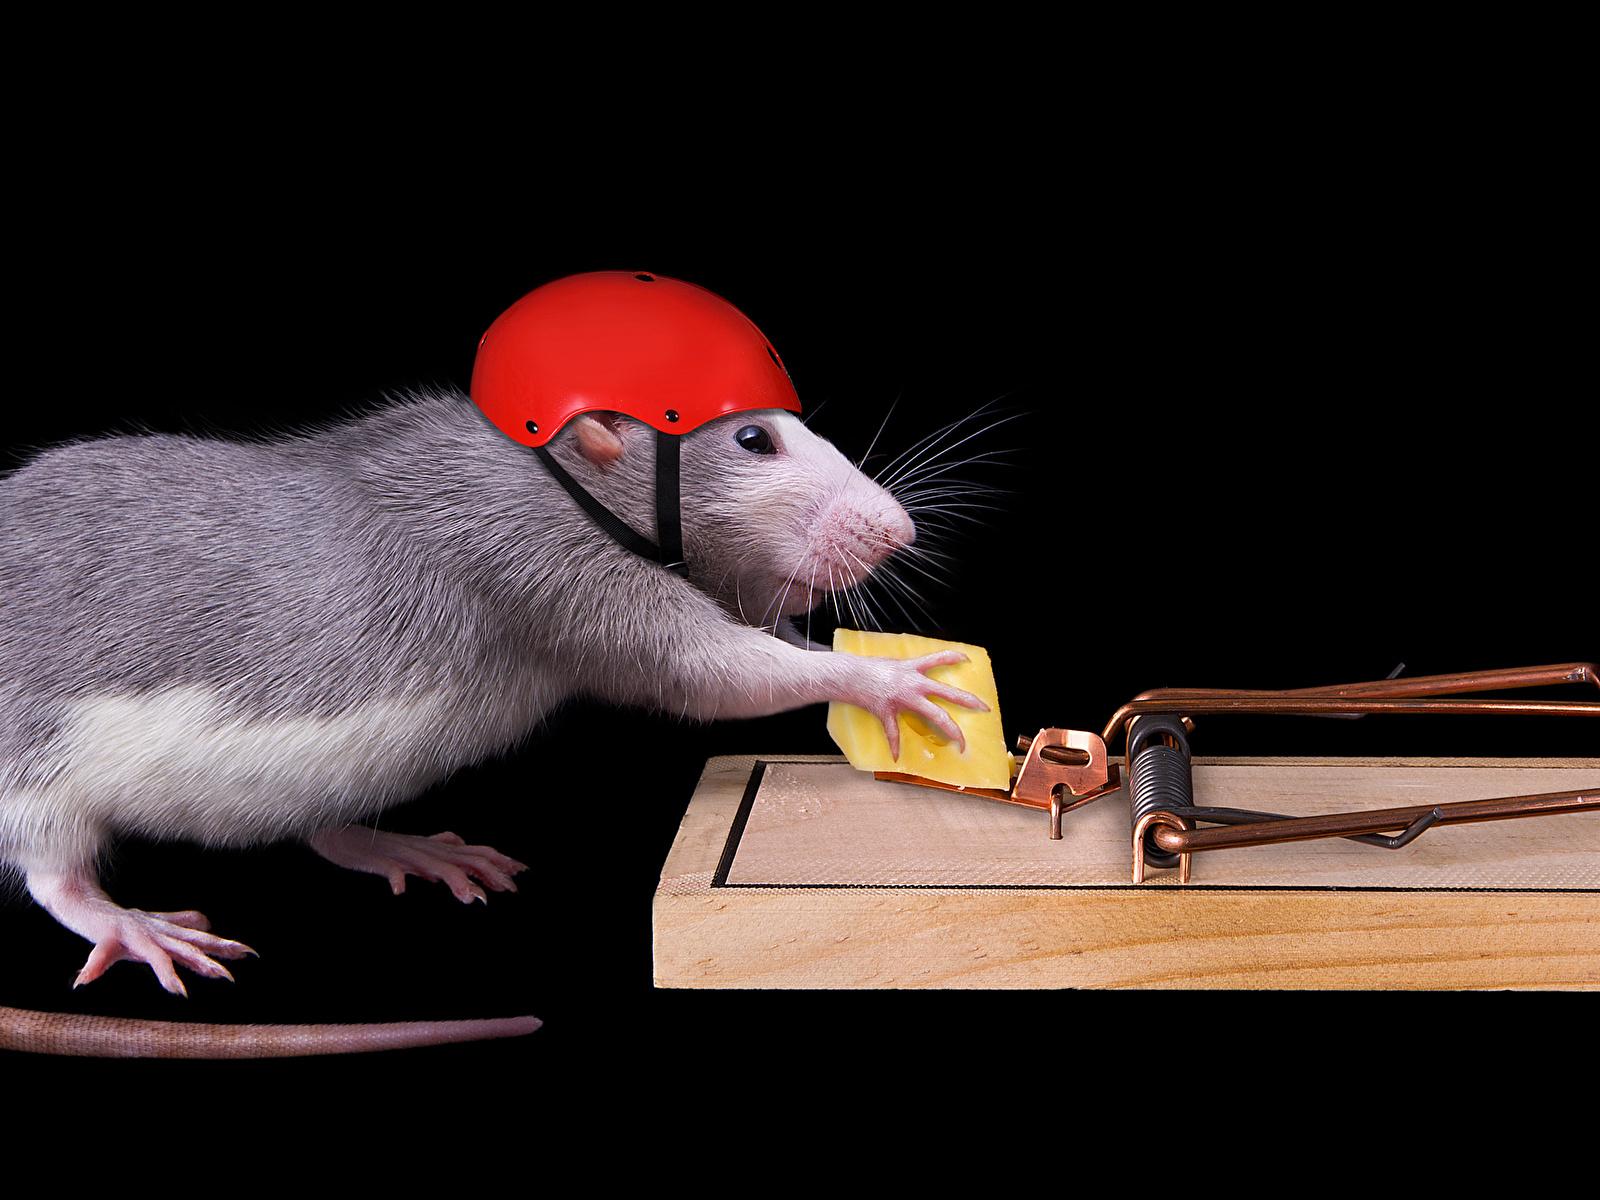 Фотография крыса Шлем Сыры хвоста Креатив Животные на черном фоне 1600x1200 Крысы шлема в шлеме Хвост креативные оригинальные животное Черный фон